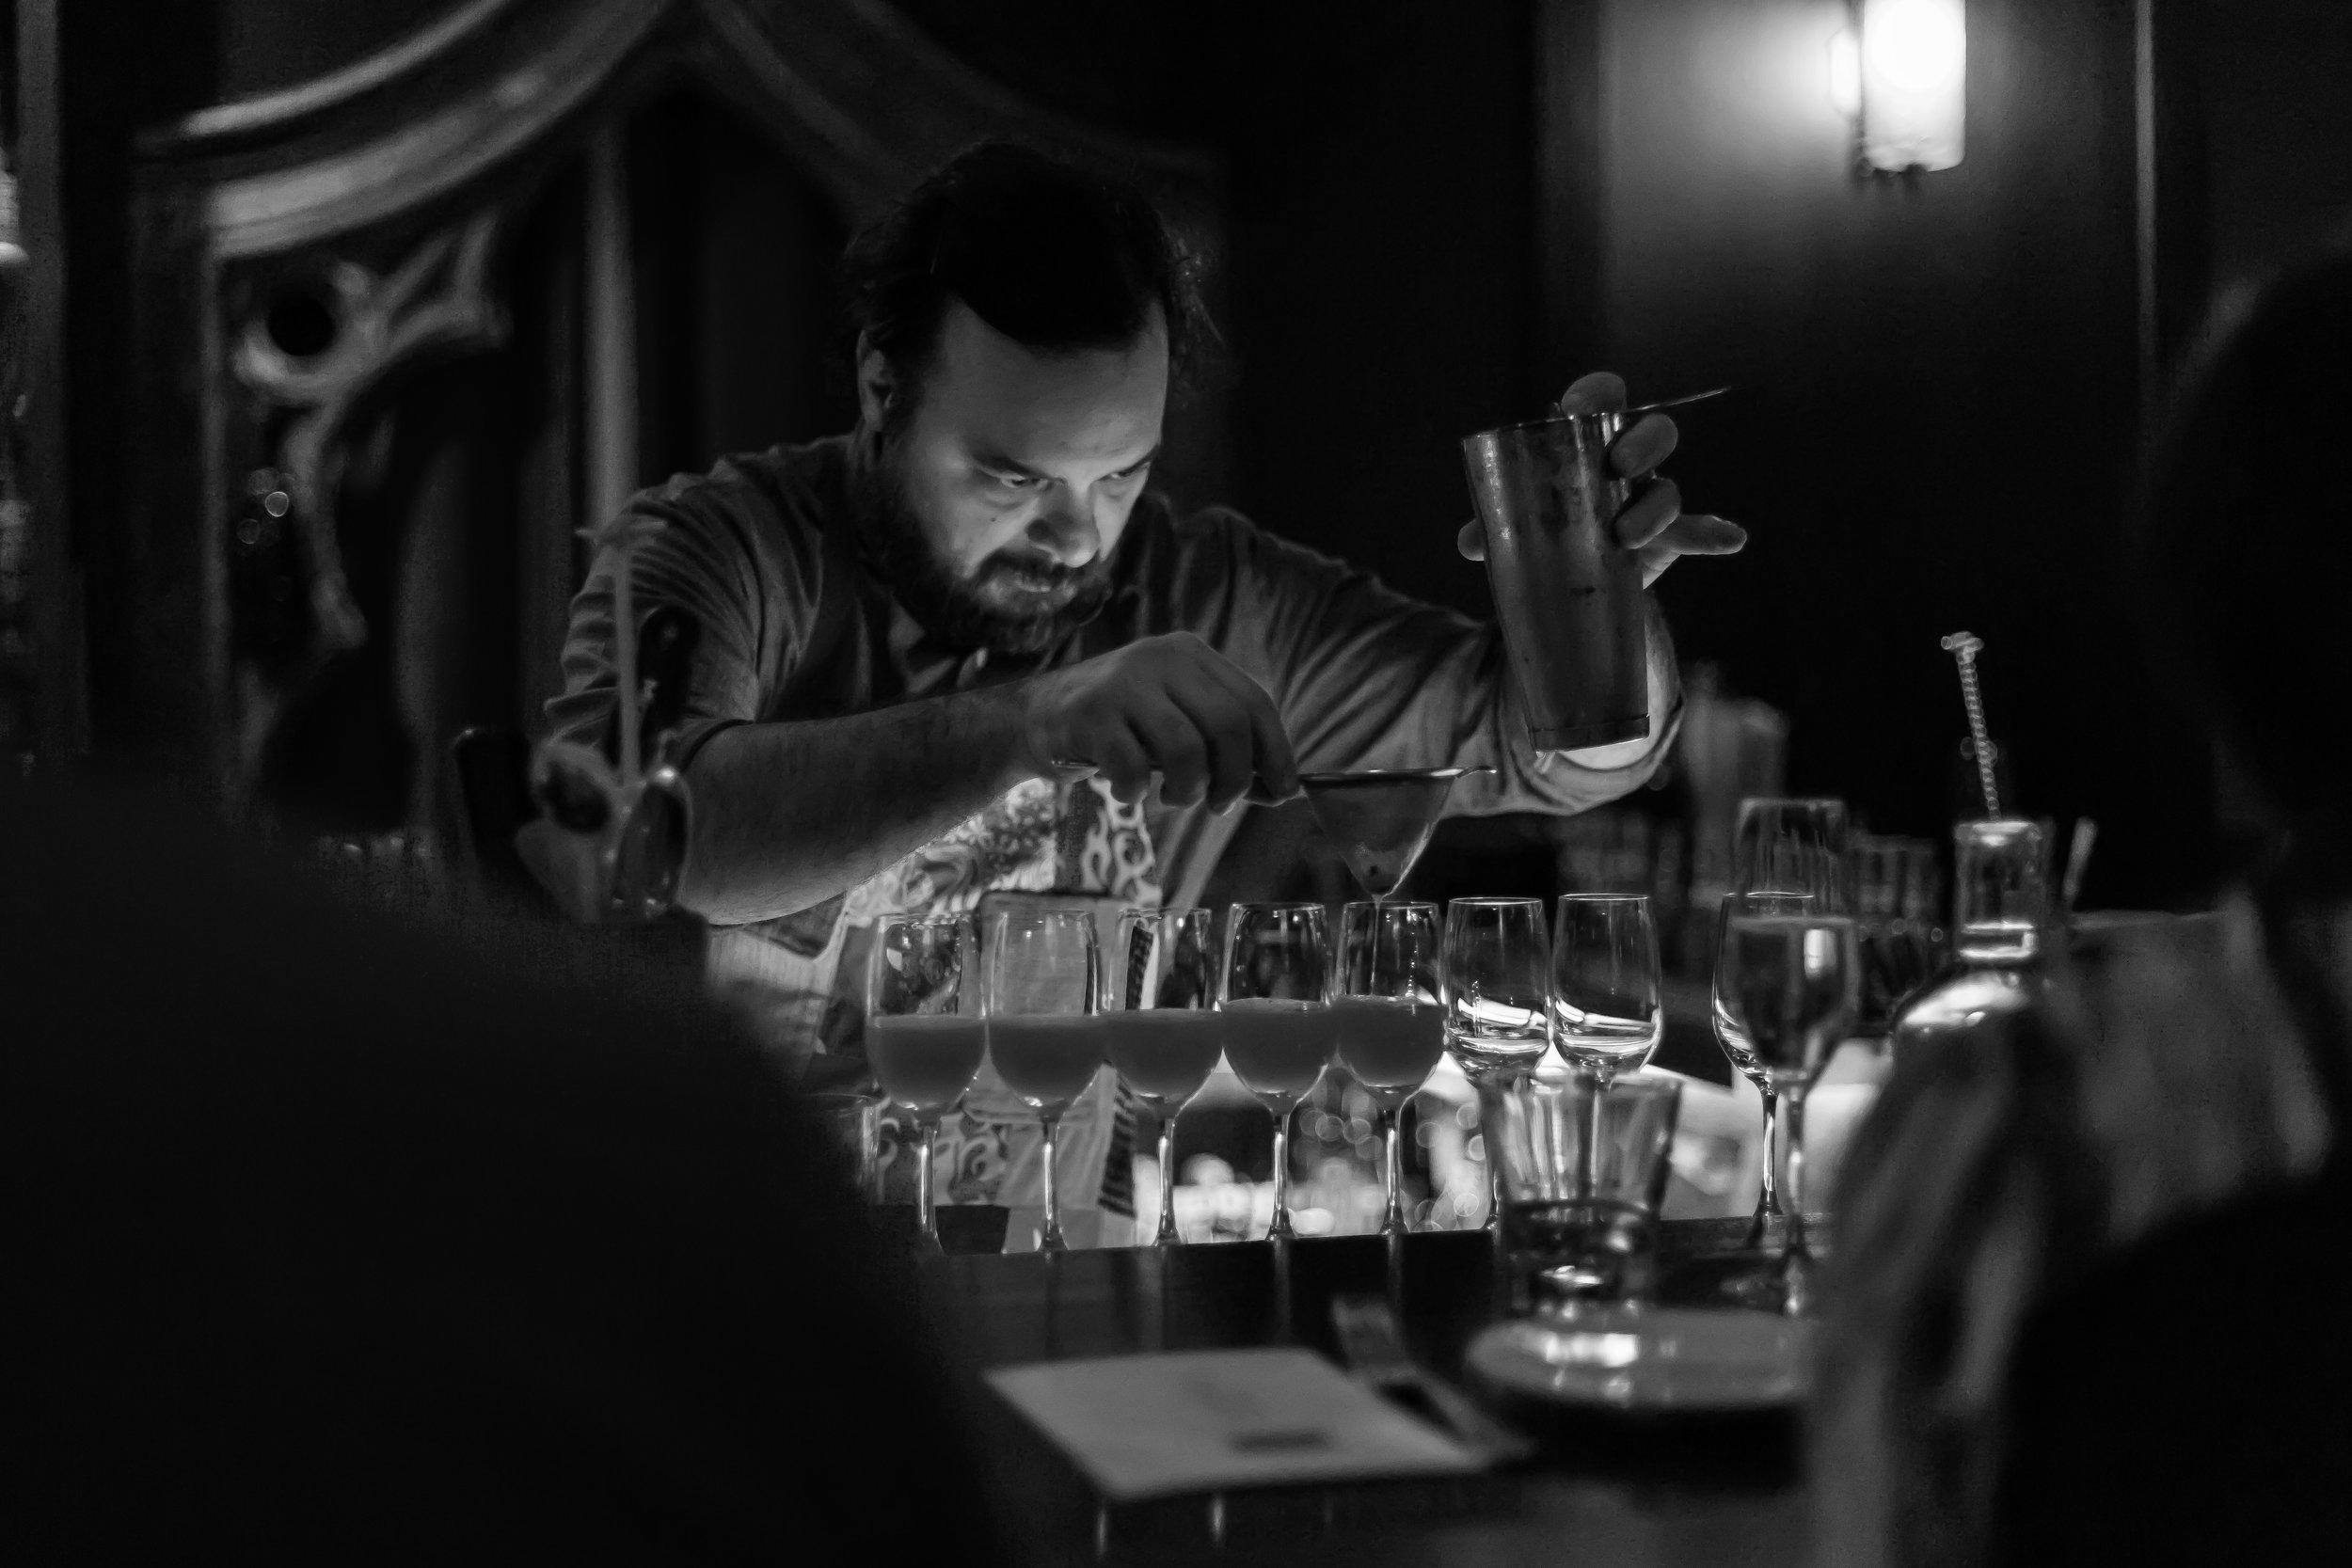 Constantine_CocktailClass_Landskov_20176424.jpg